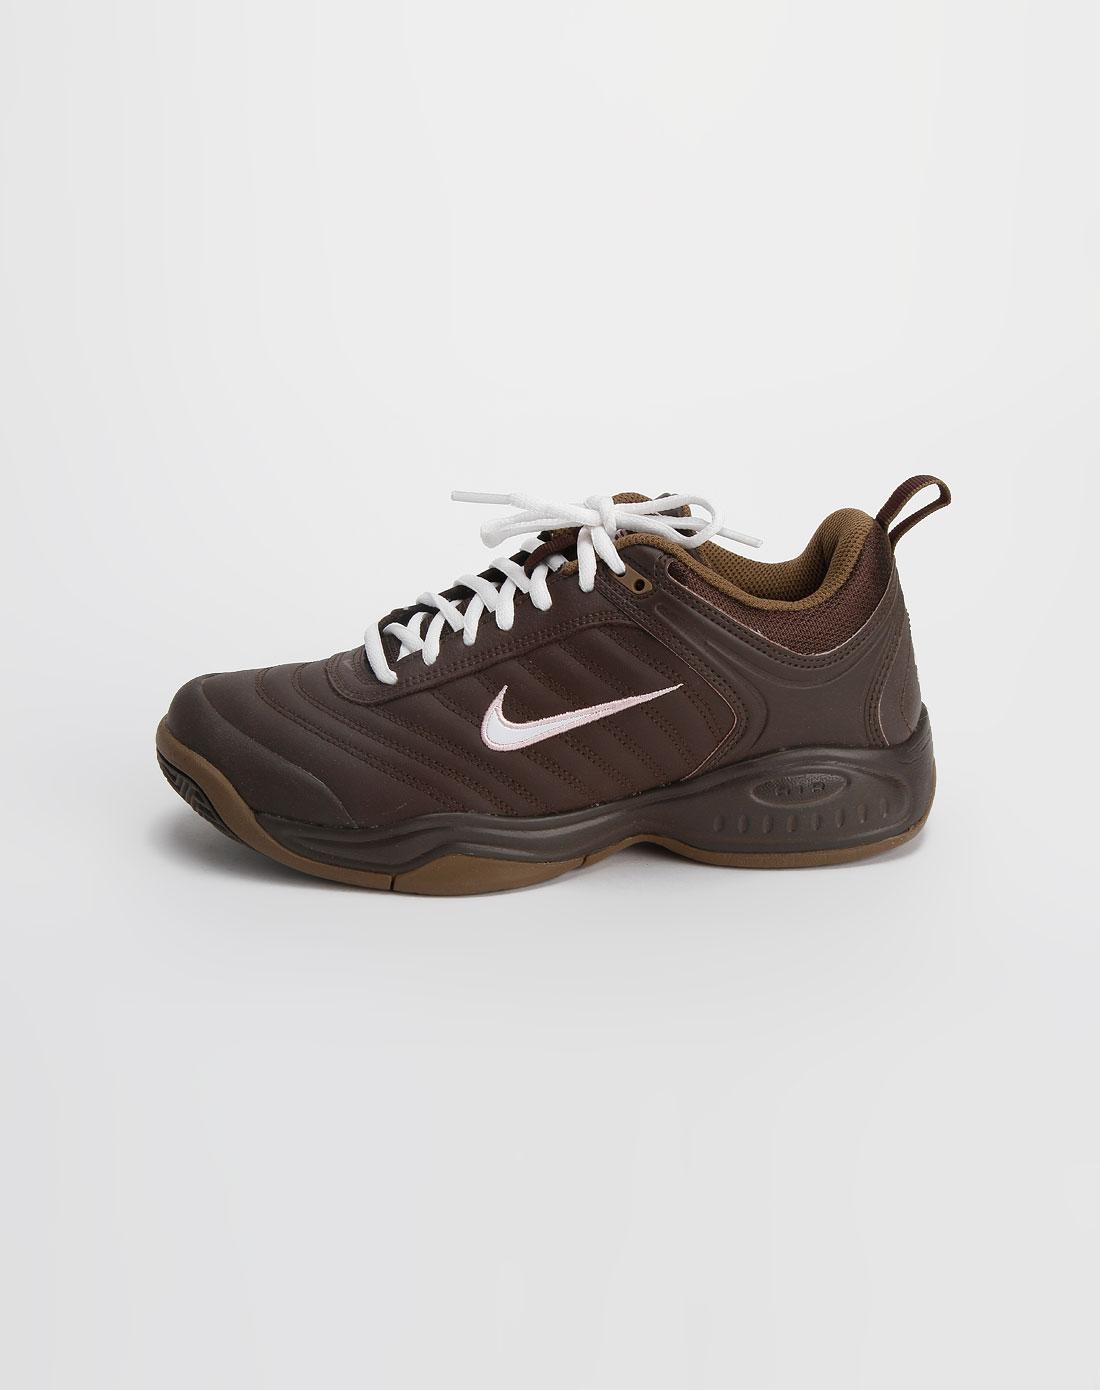 耐克nike男女装女款灰啡色网球鞋317904-211